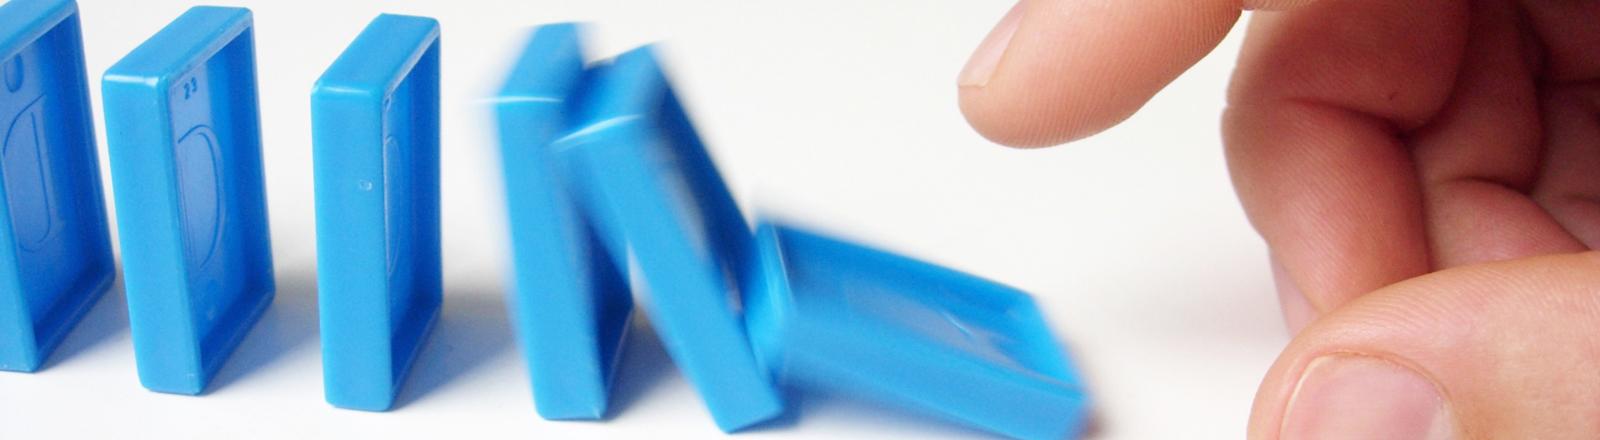 Kettenreaktion bei Dominosteinen